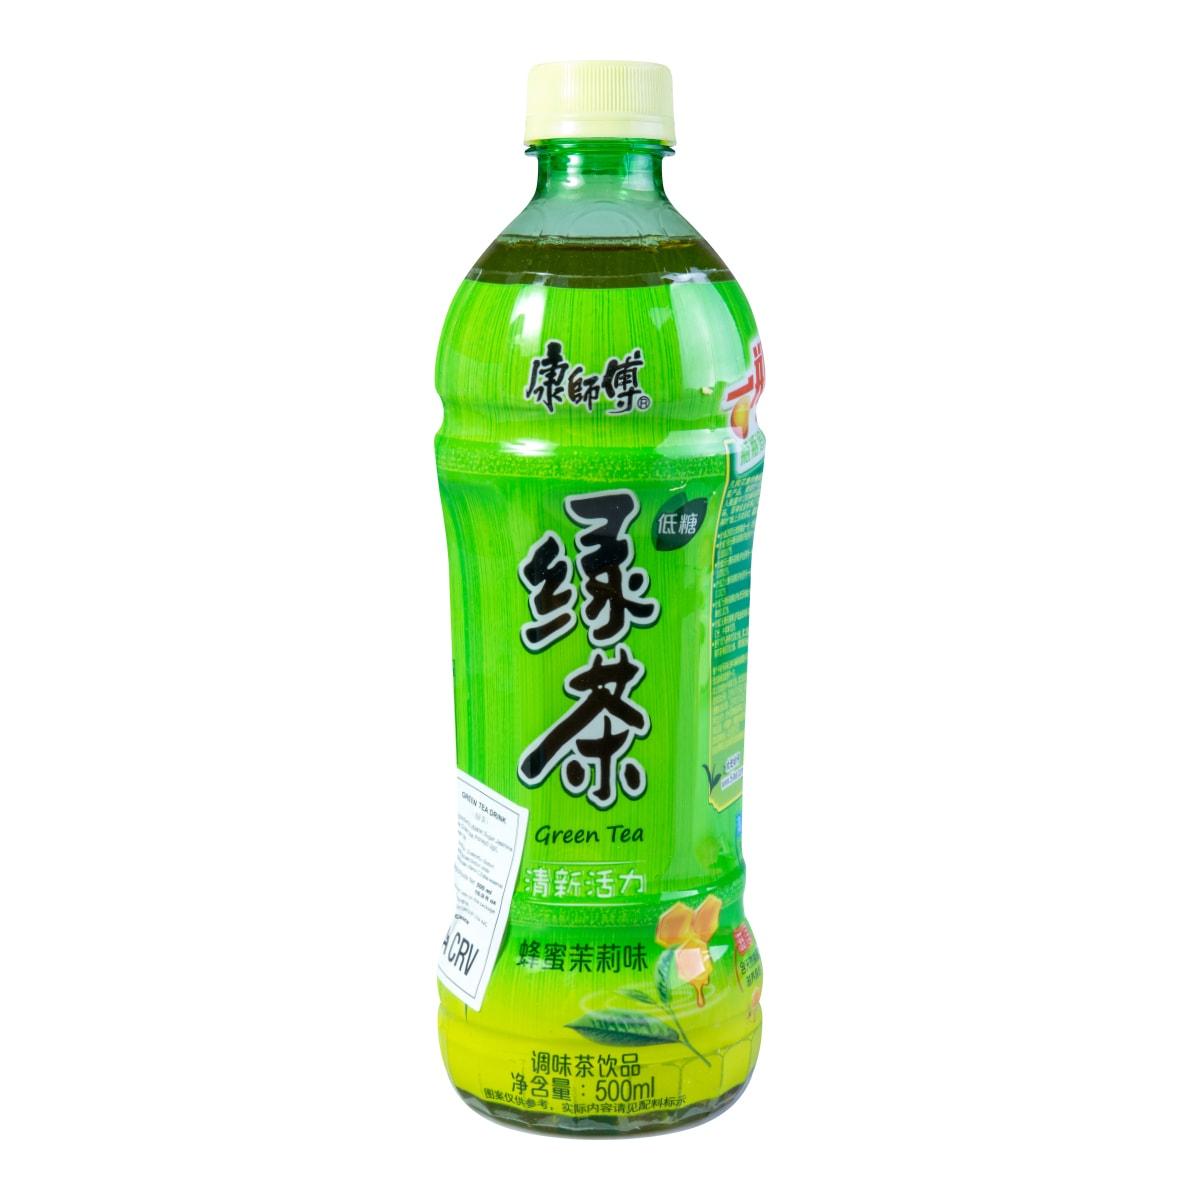 康师傅 低糖绿茶 蜂蜜茉莉味 500ml